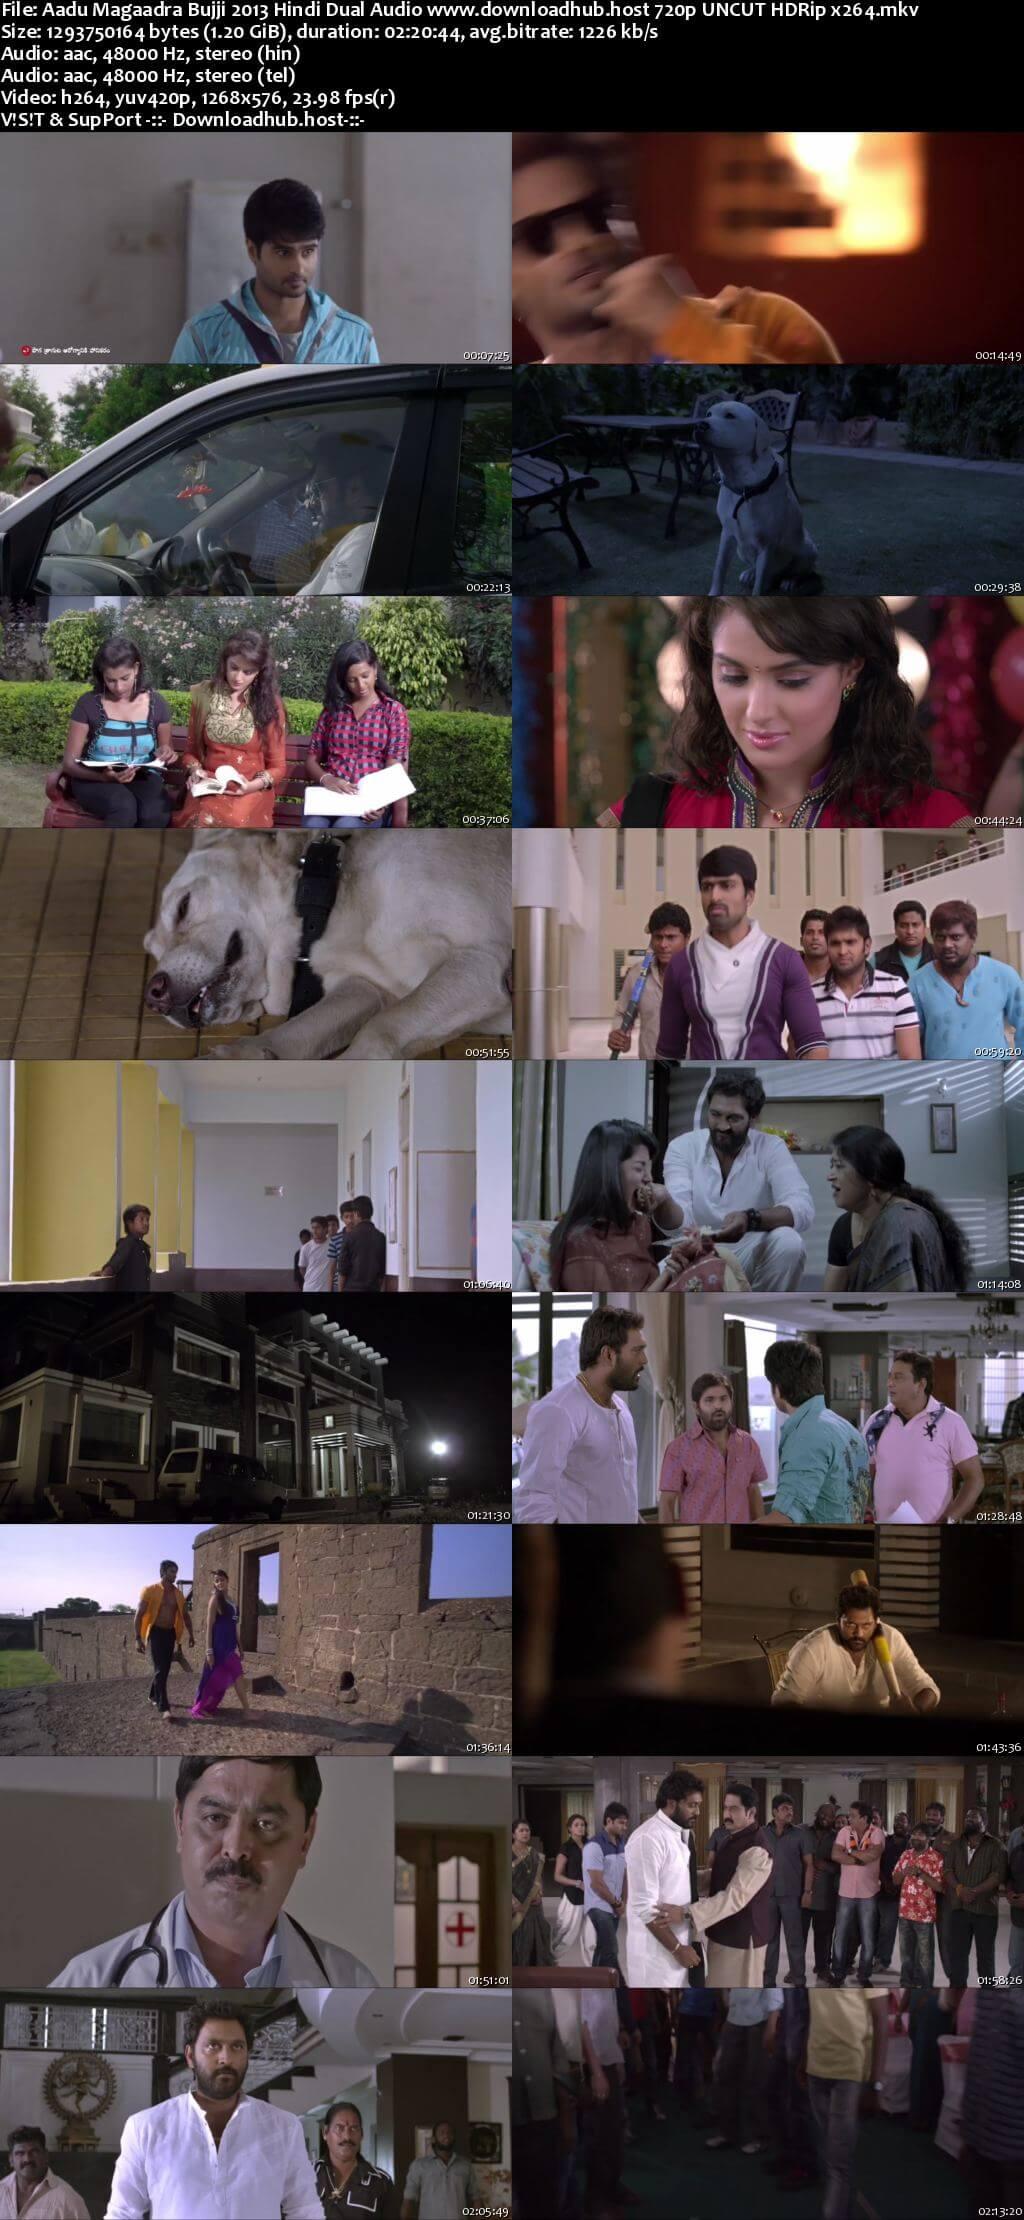 Aadu Magaadra Bujji 2013 Hindi Dual Audio 720p UNCUT HDRip x264